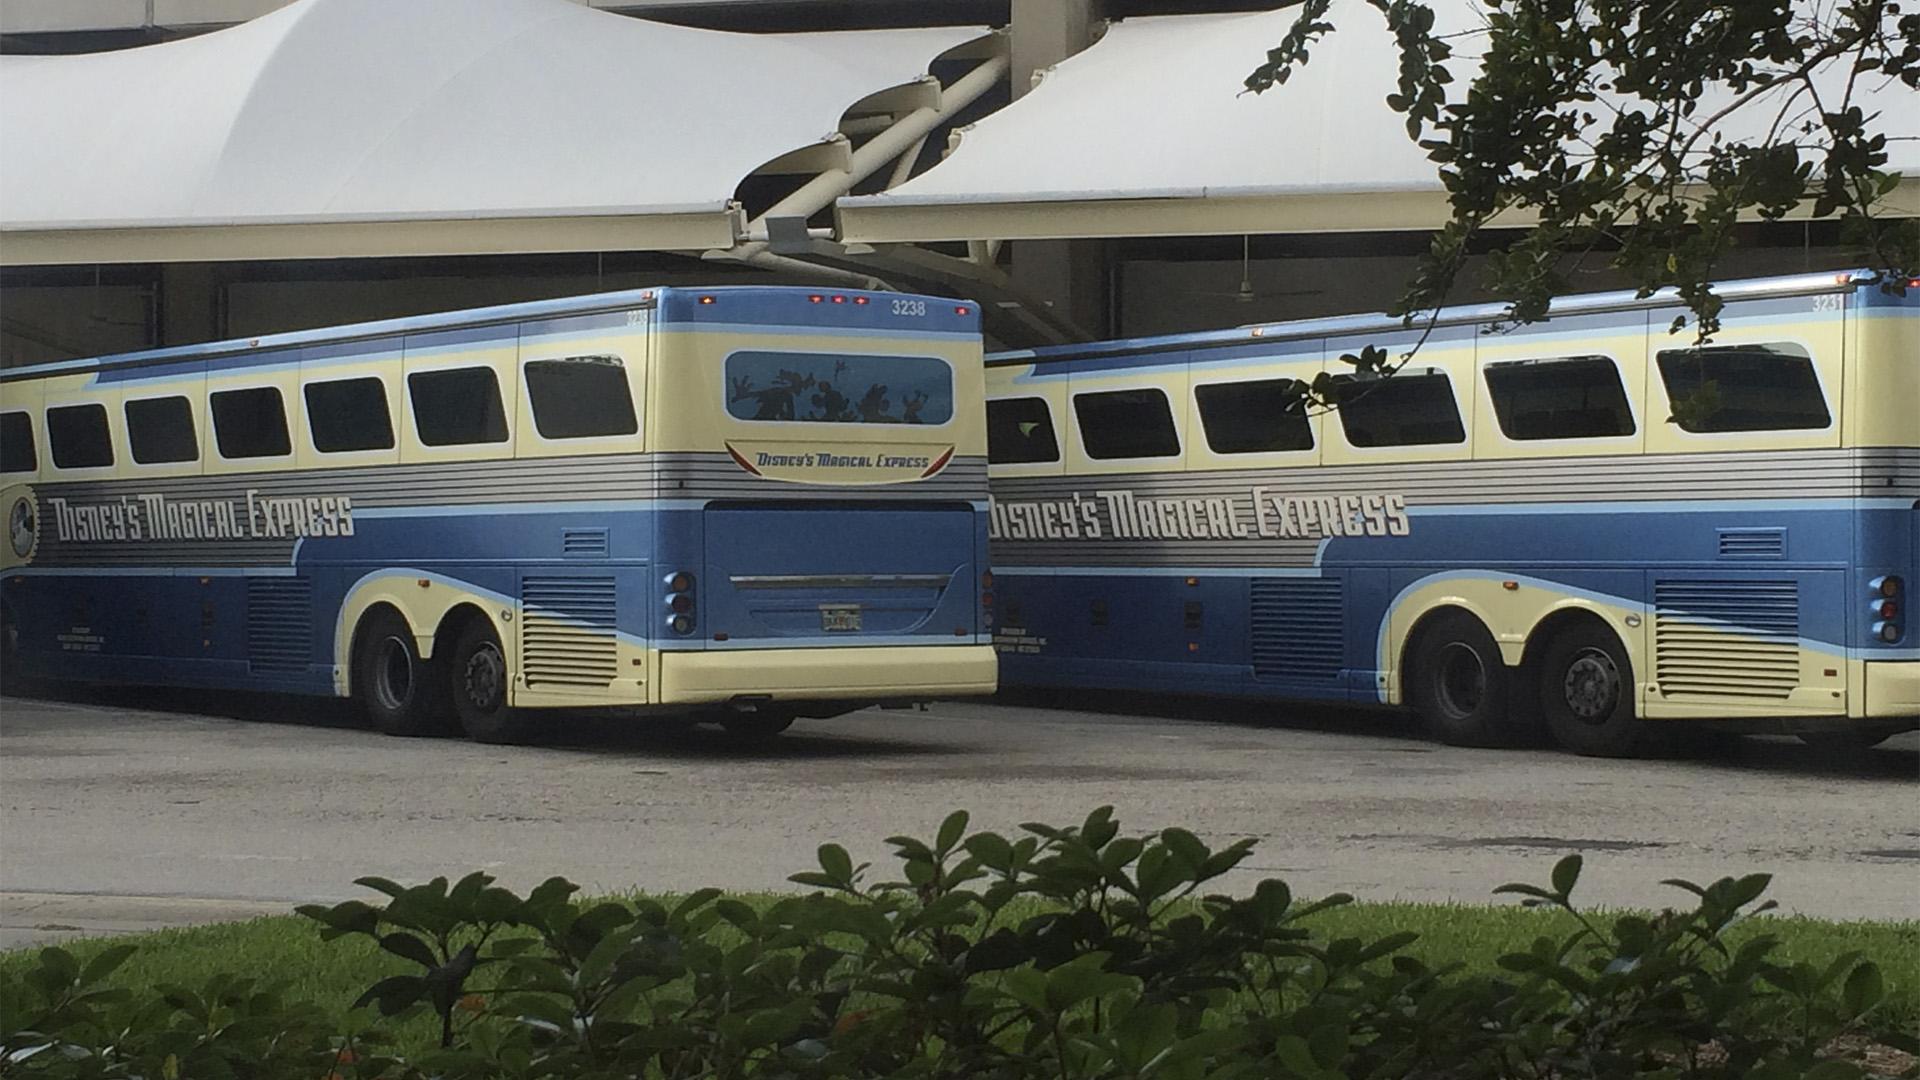 Para maior comodidade dos visitantes, a Disney disponibiliza um transporte próprio para os parques.